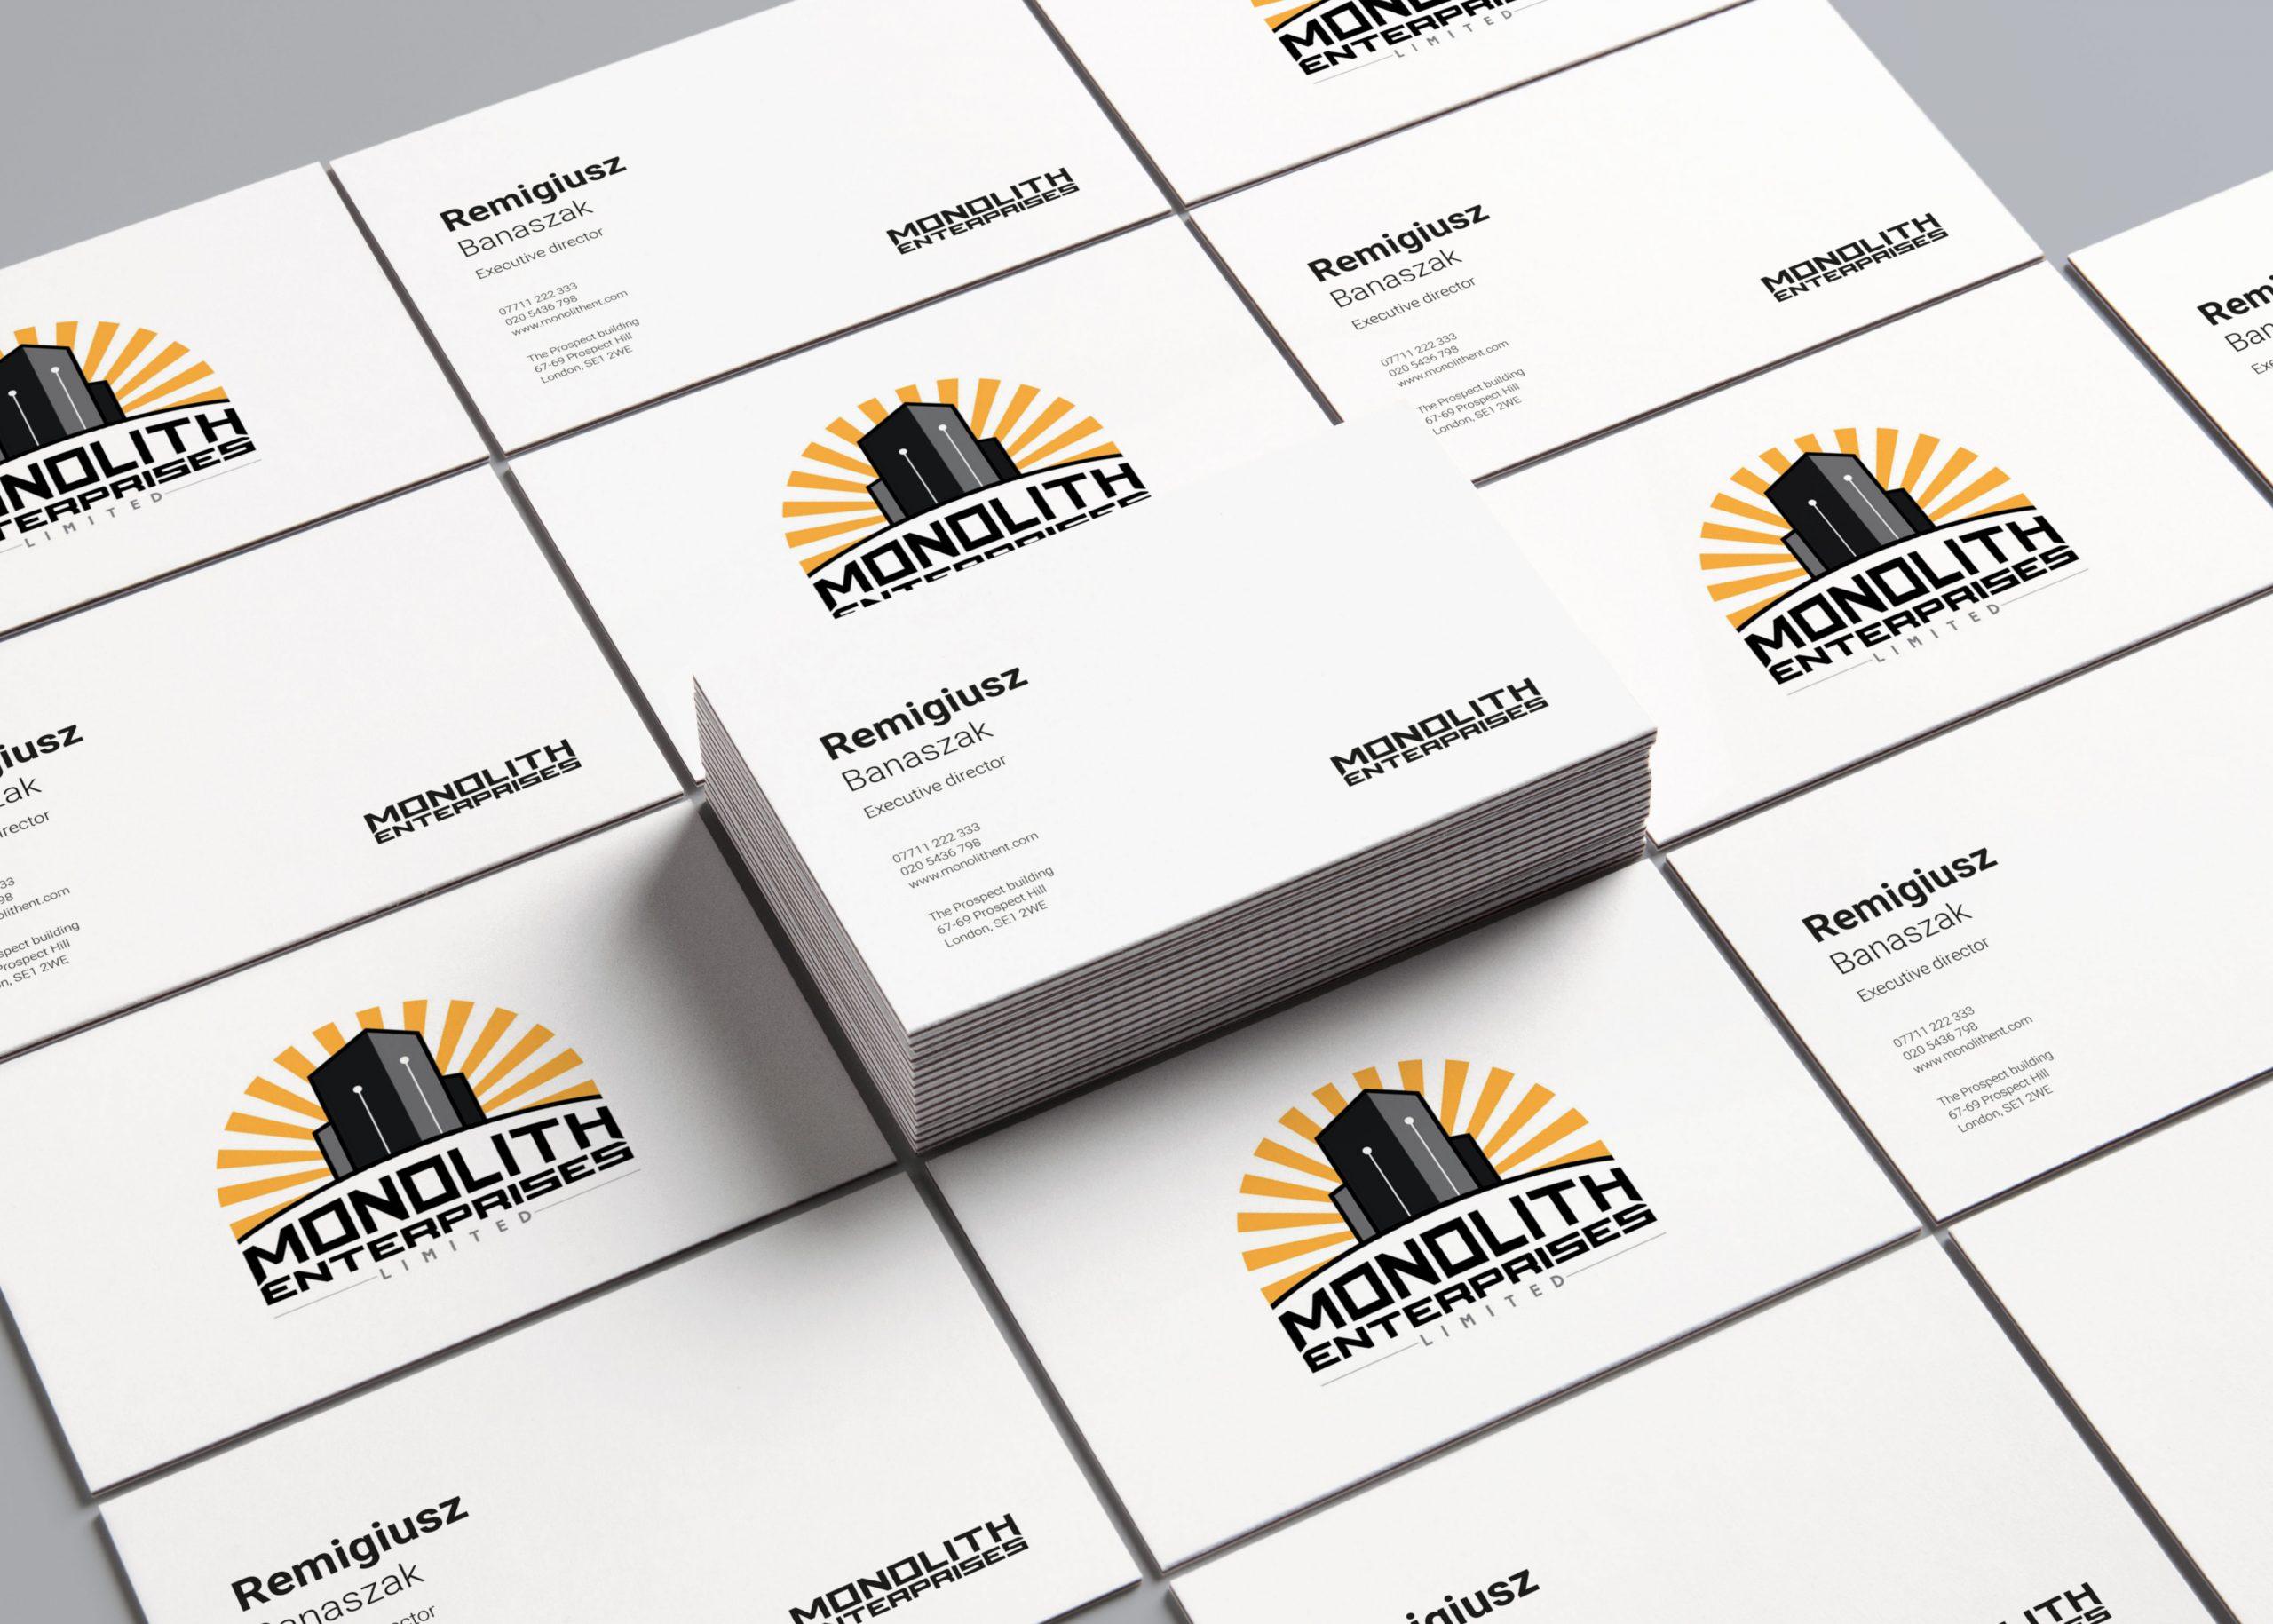 Monolith Enterprises